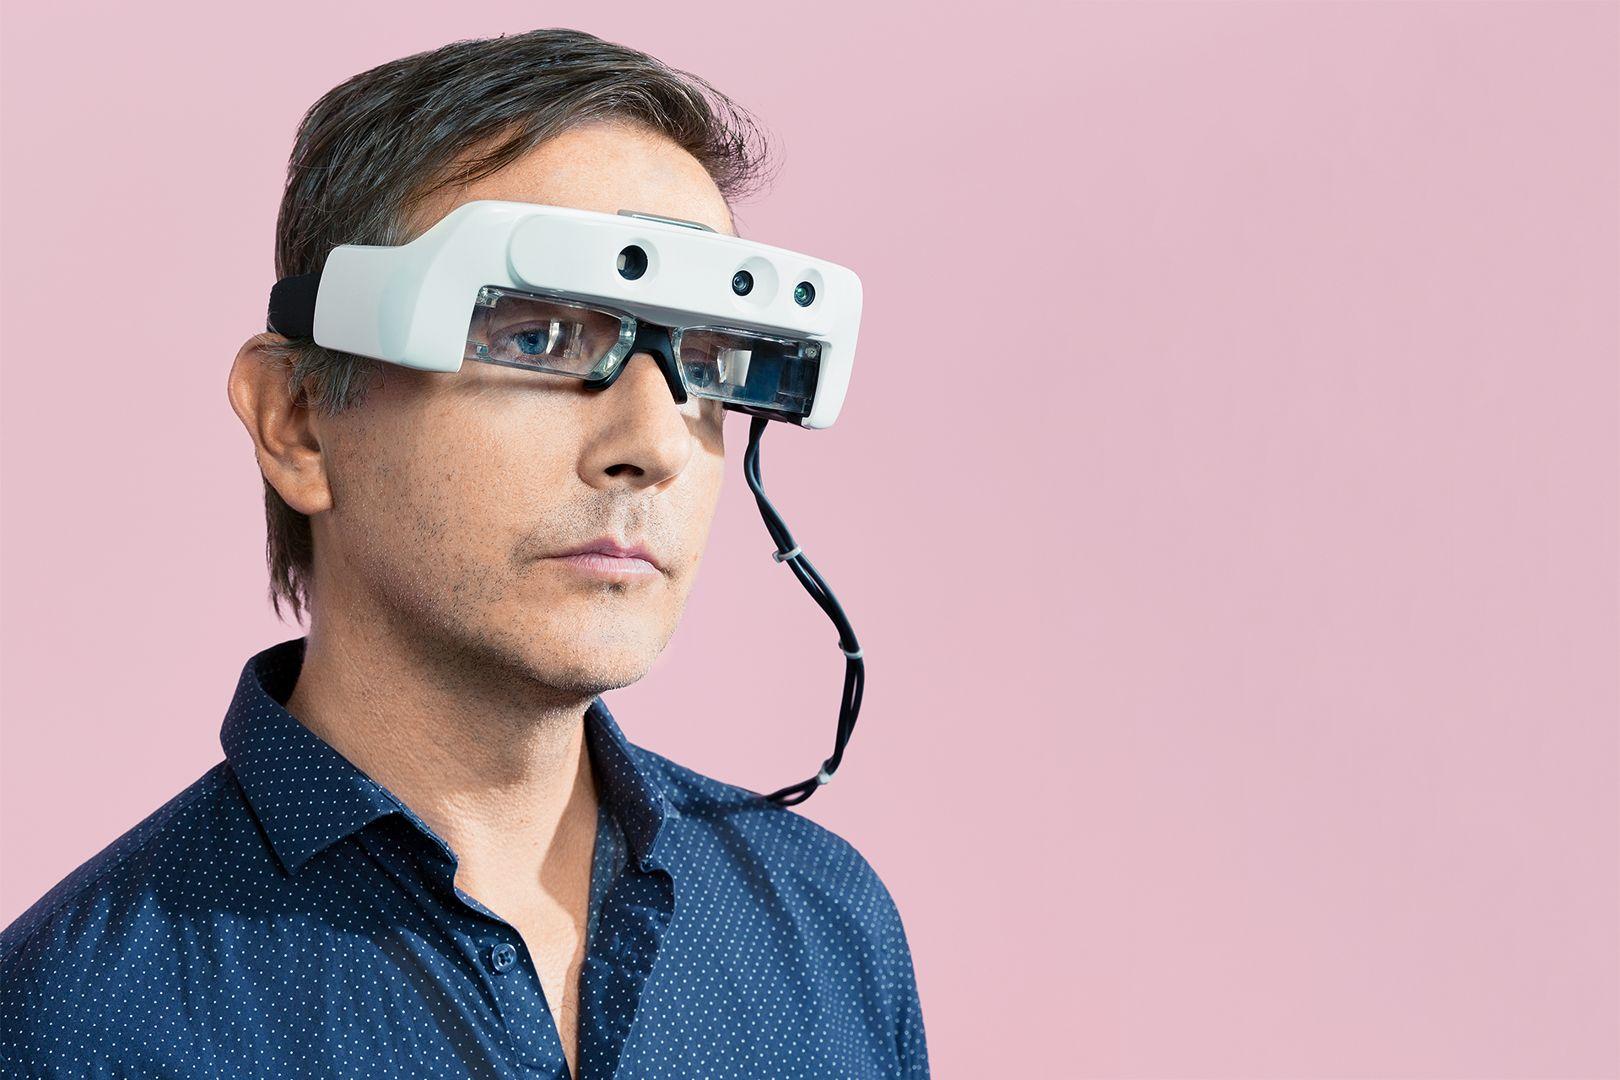 AR眼镜帮助盲人重见光明